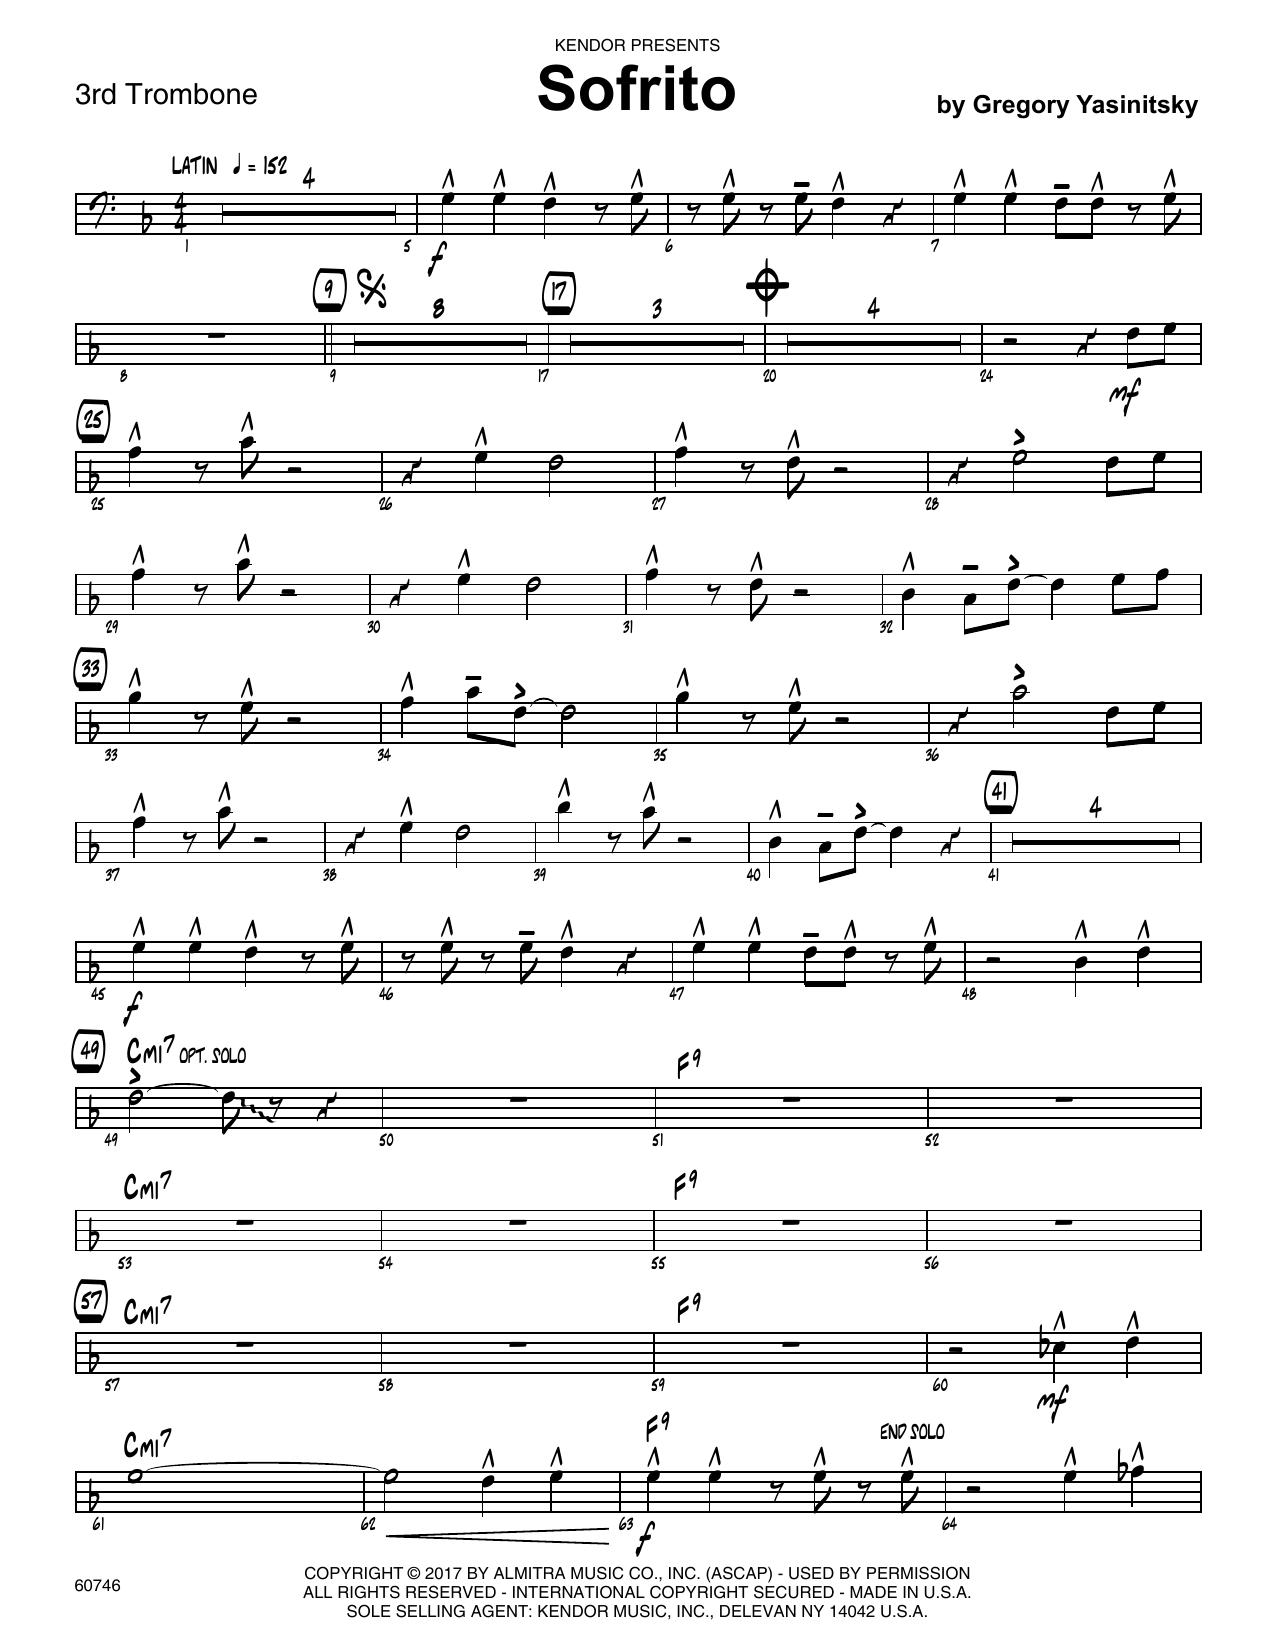 Sofrito - 3rd Trombone Sheet Music